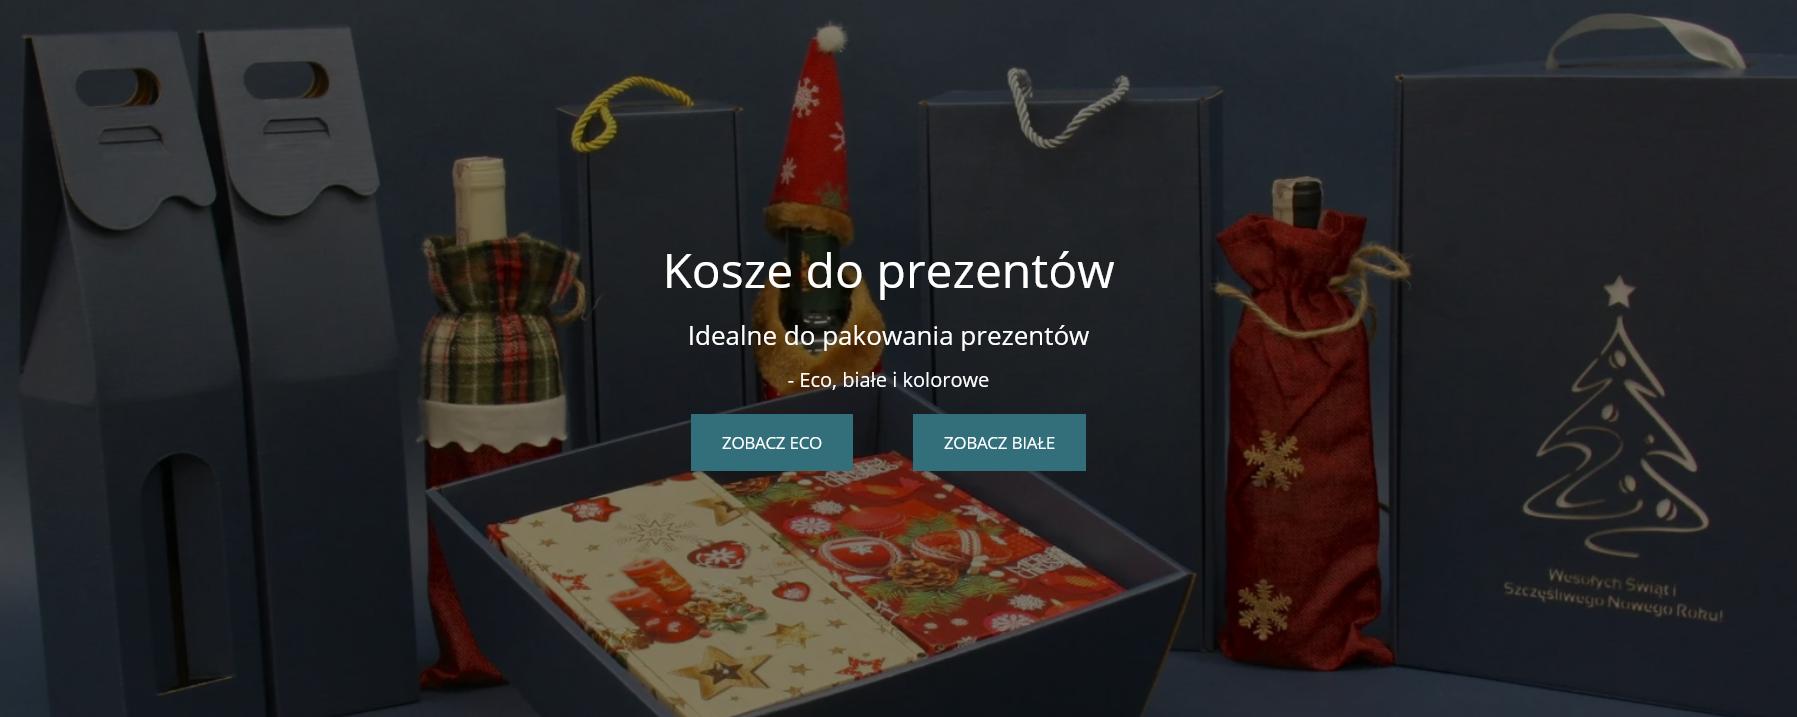 @koszykisklep's cover photo for 'Spersonalizowane wino, idealny prezent korporacyjny'